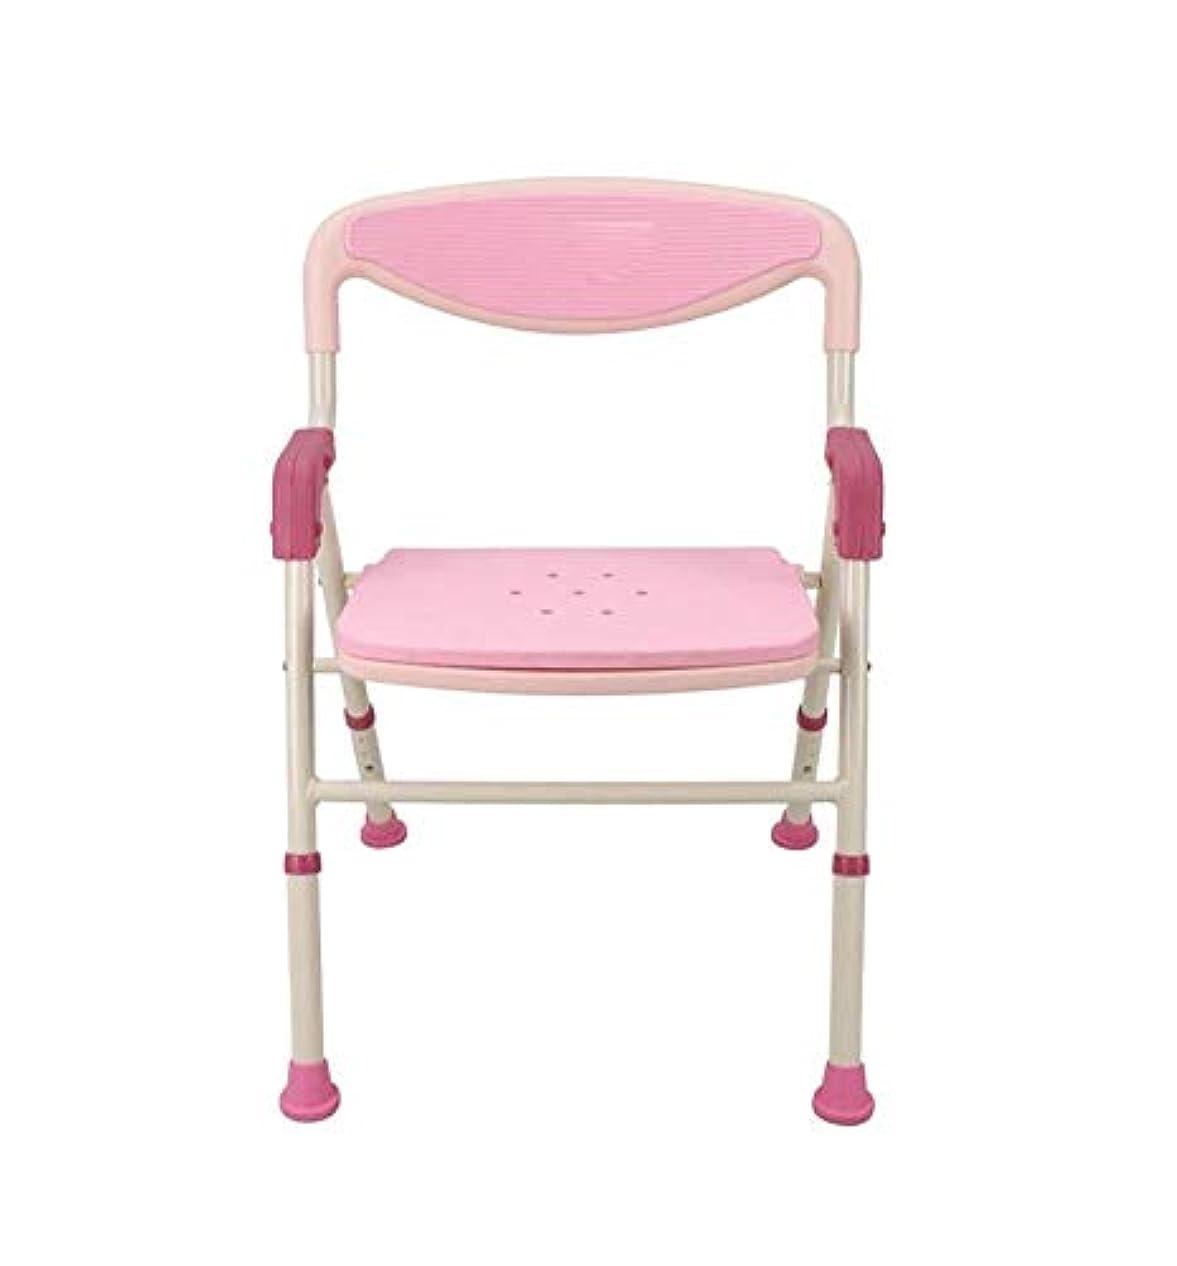 トイレチェアハンディキャップ用折りたたみ椅子 (Color : ピンク)